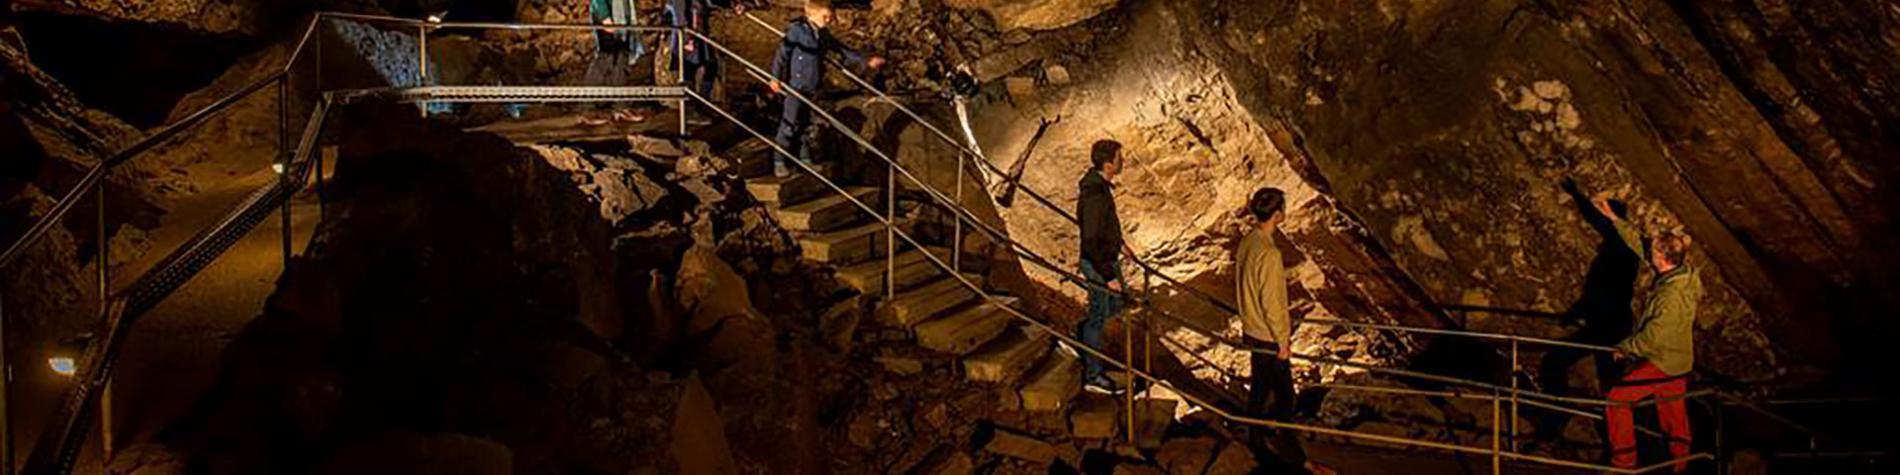 Grotte de Lorette - Rochefort - spectaculaire - patrimoine - naturel